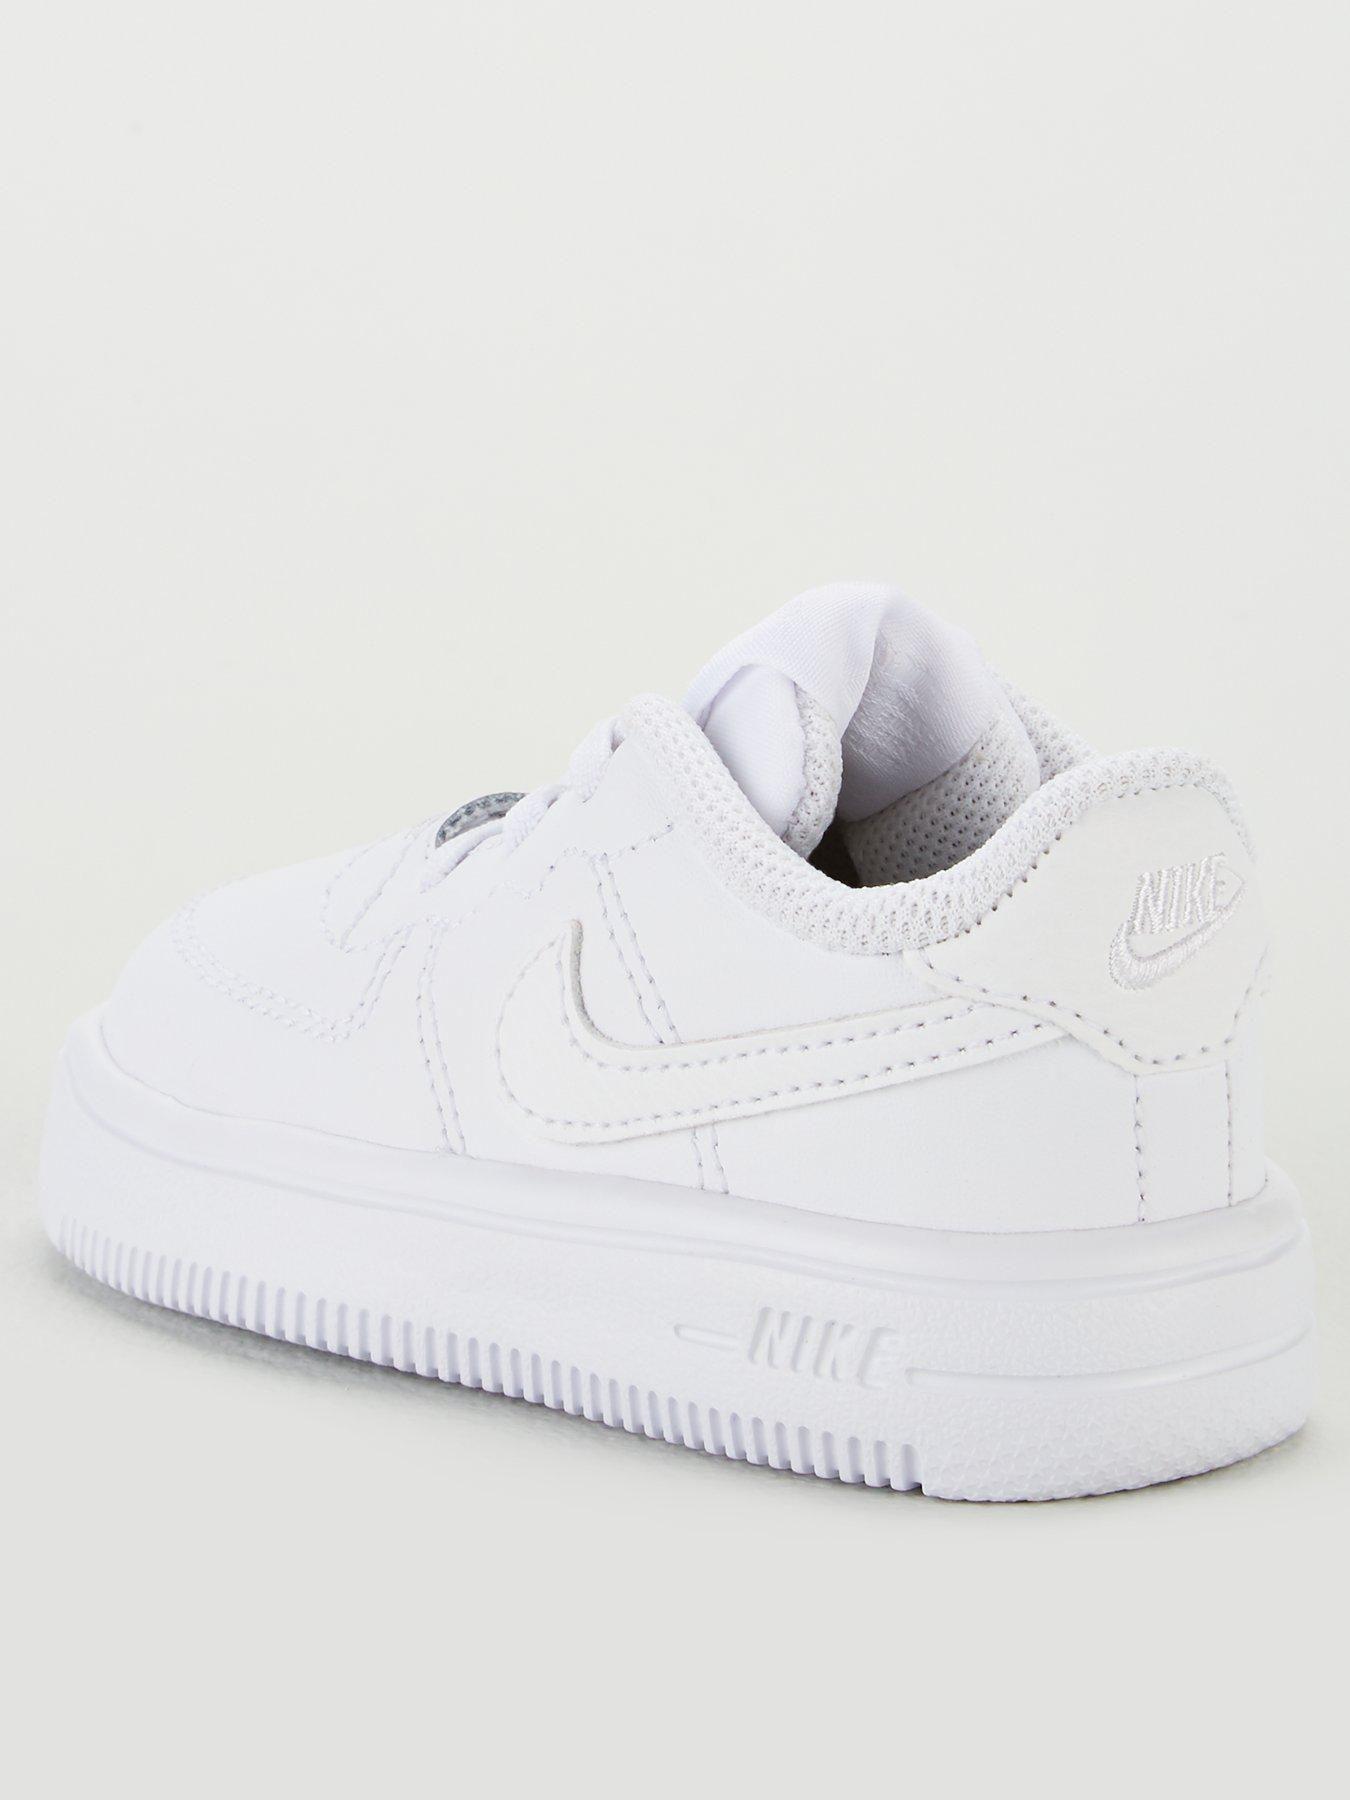 Nike Air Force 1 Infants Trainer | Nike